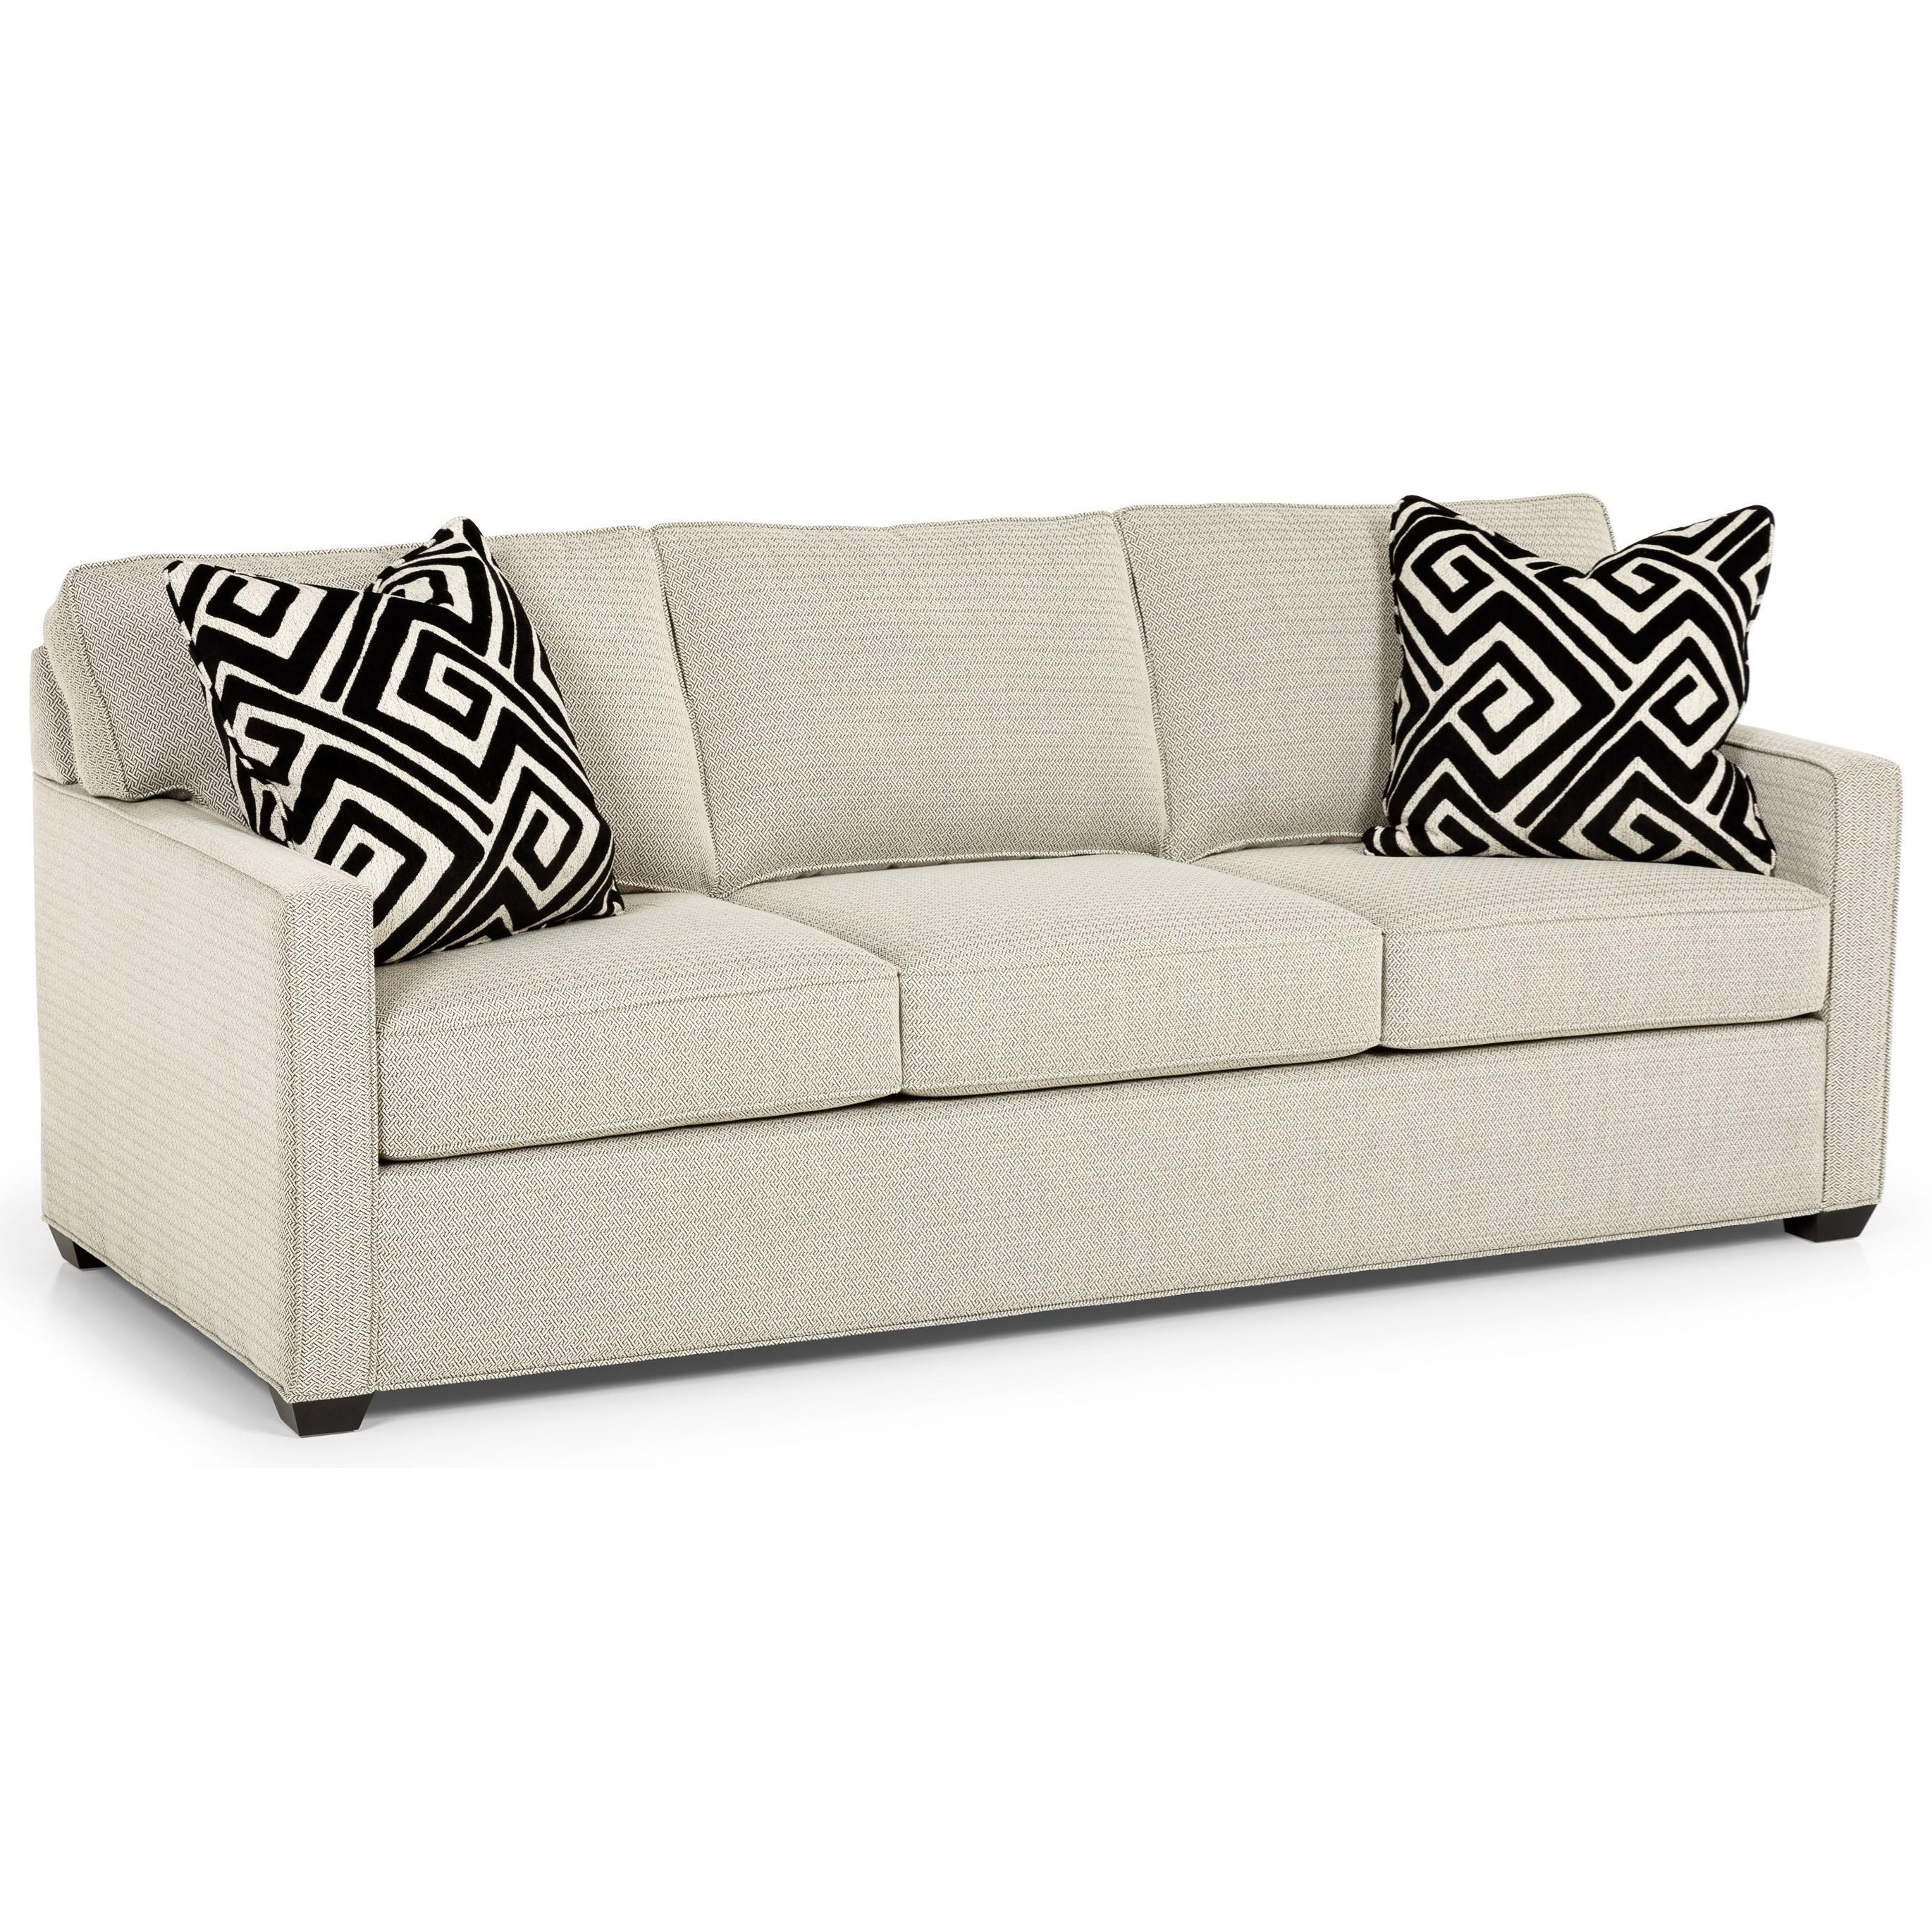 Stanton 287 Sofa - Item Number: 287-01